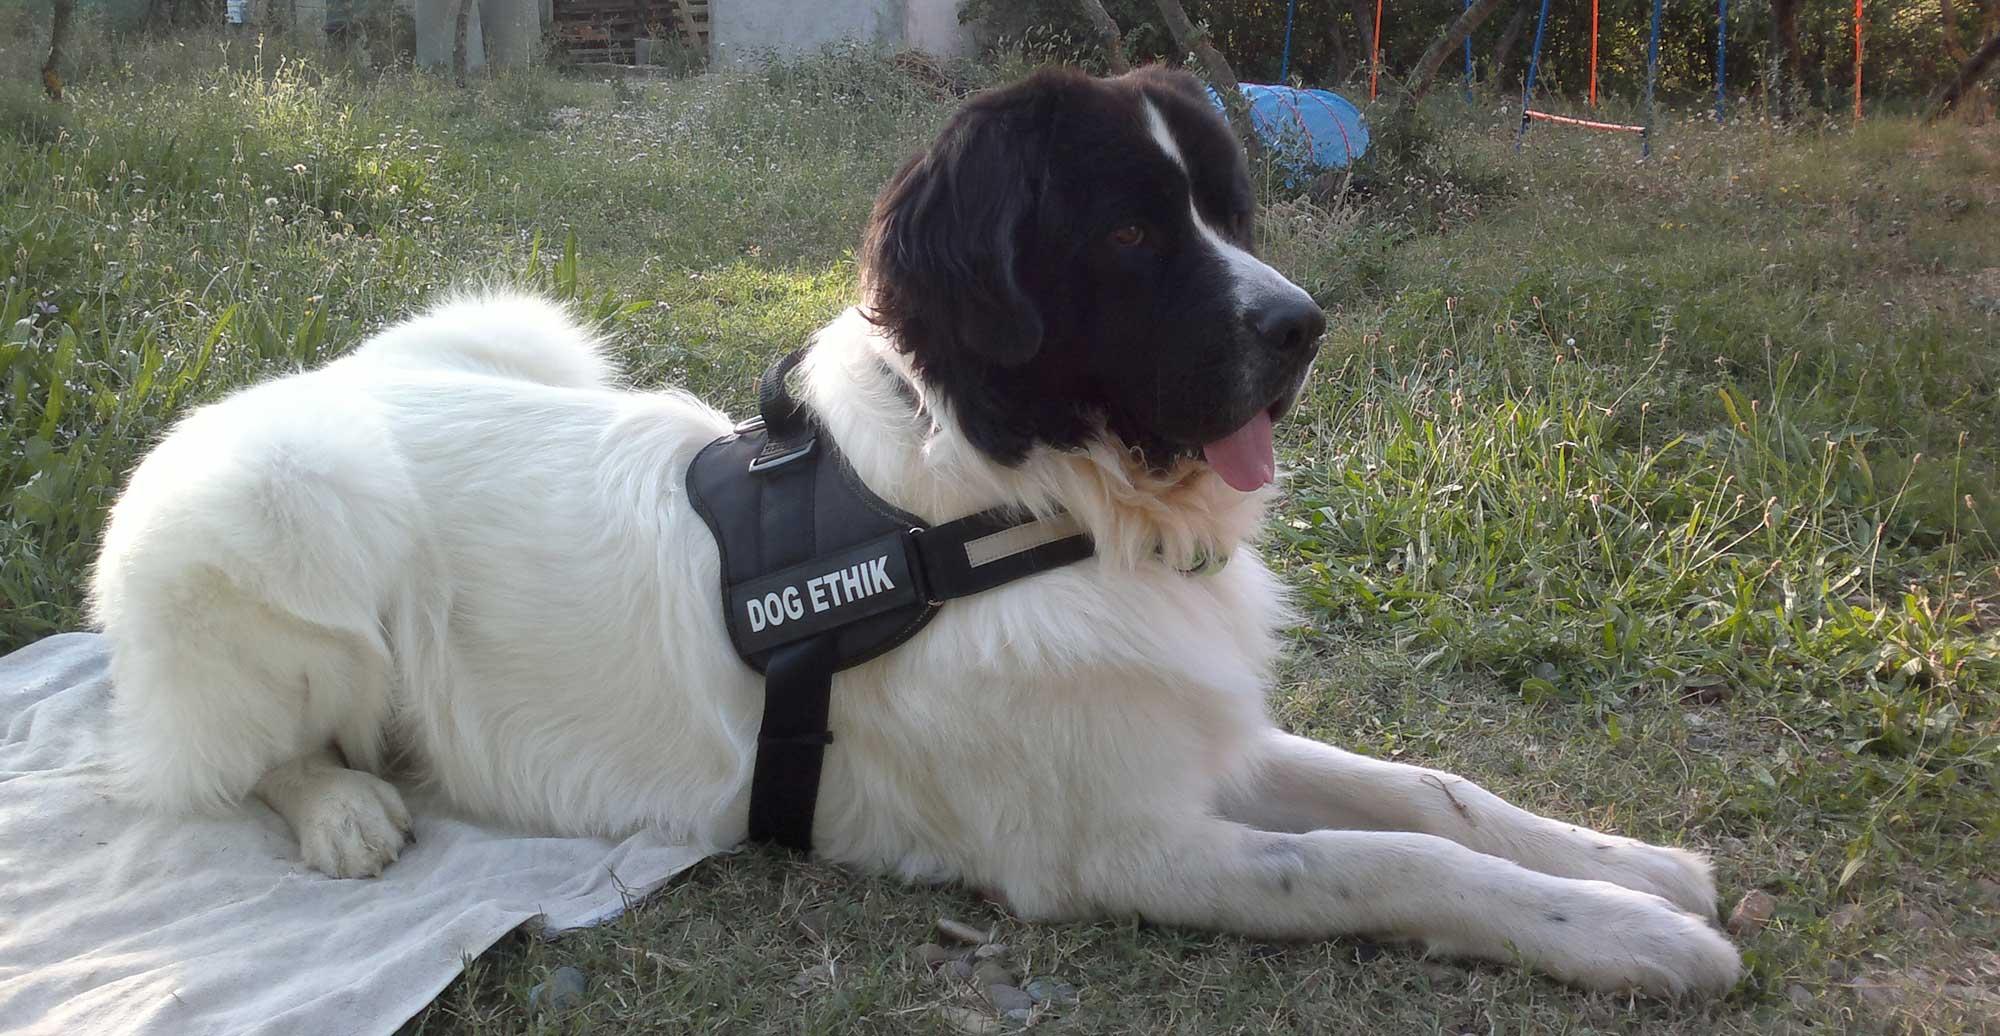 Guiness Dog Ethik